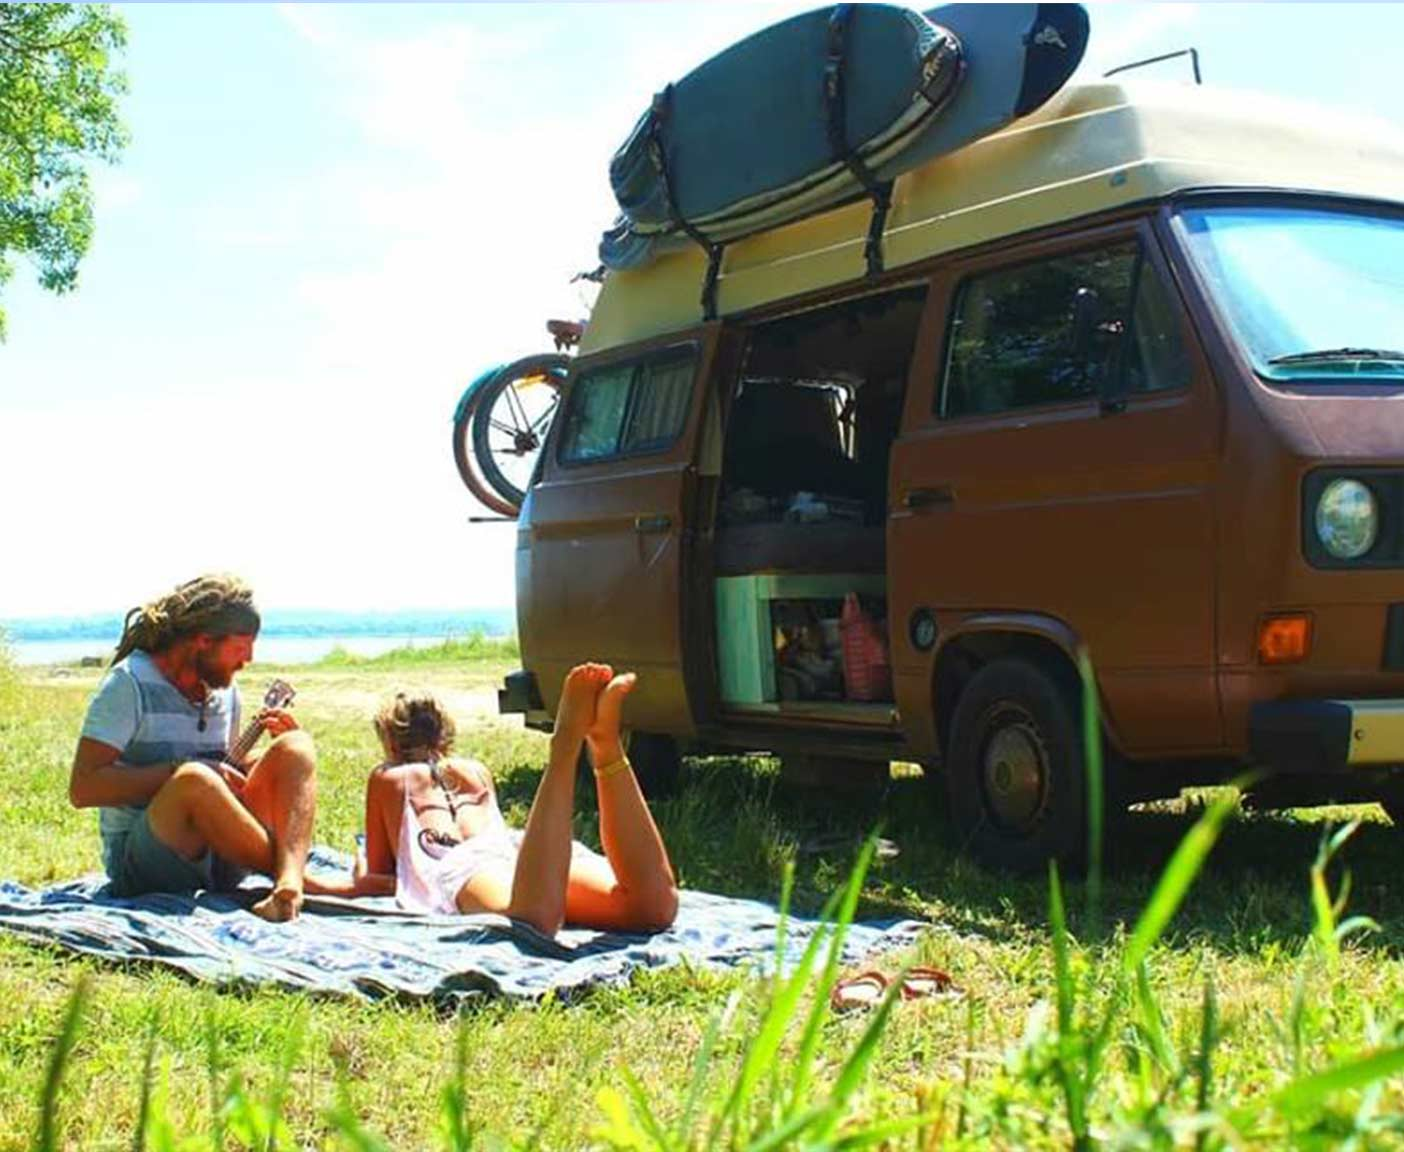 volkswagen-t3-wohnmobil-selbstausbau-europareise-hippiepärchenreise